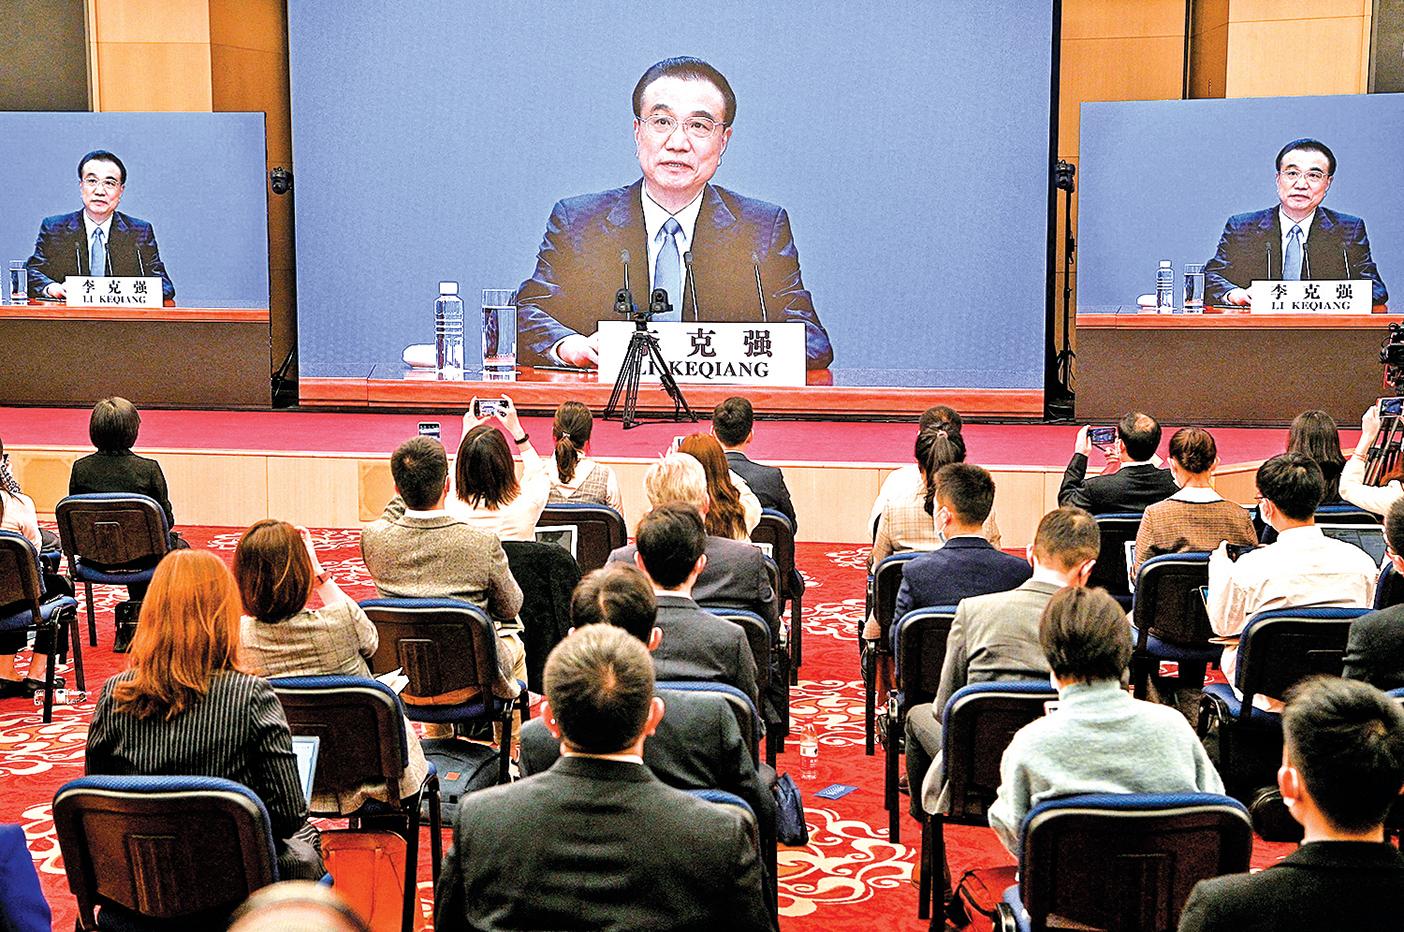 中共國務院總理李克強3月11日在北京人民大會堂閉幕後的新聞發佈會上,通過現場視頻發表講話。(Getty Images)